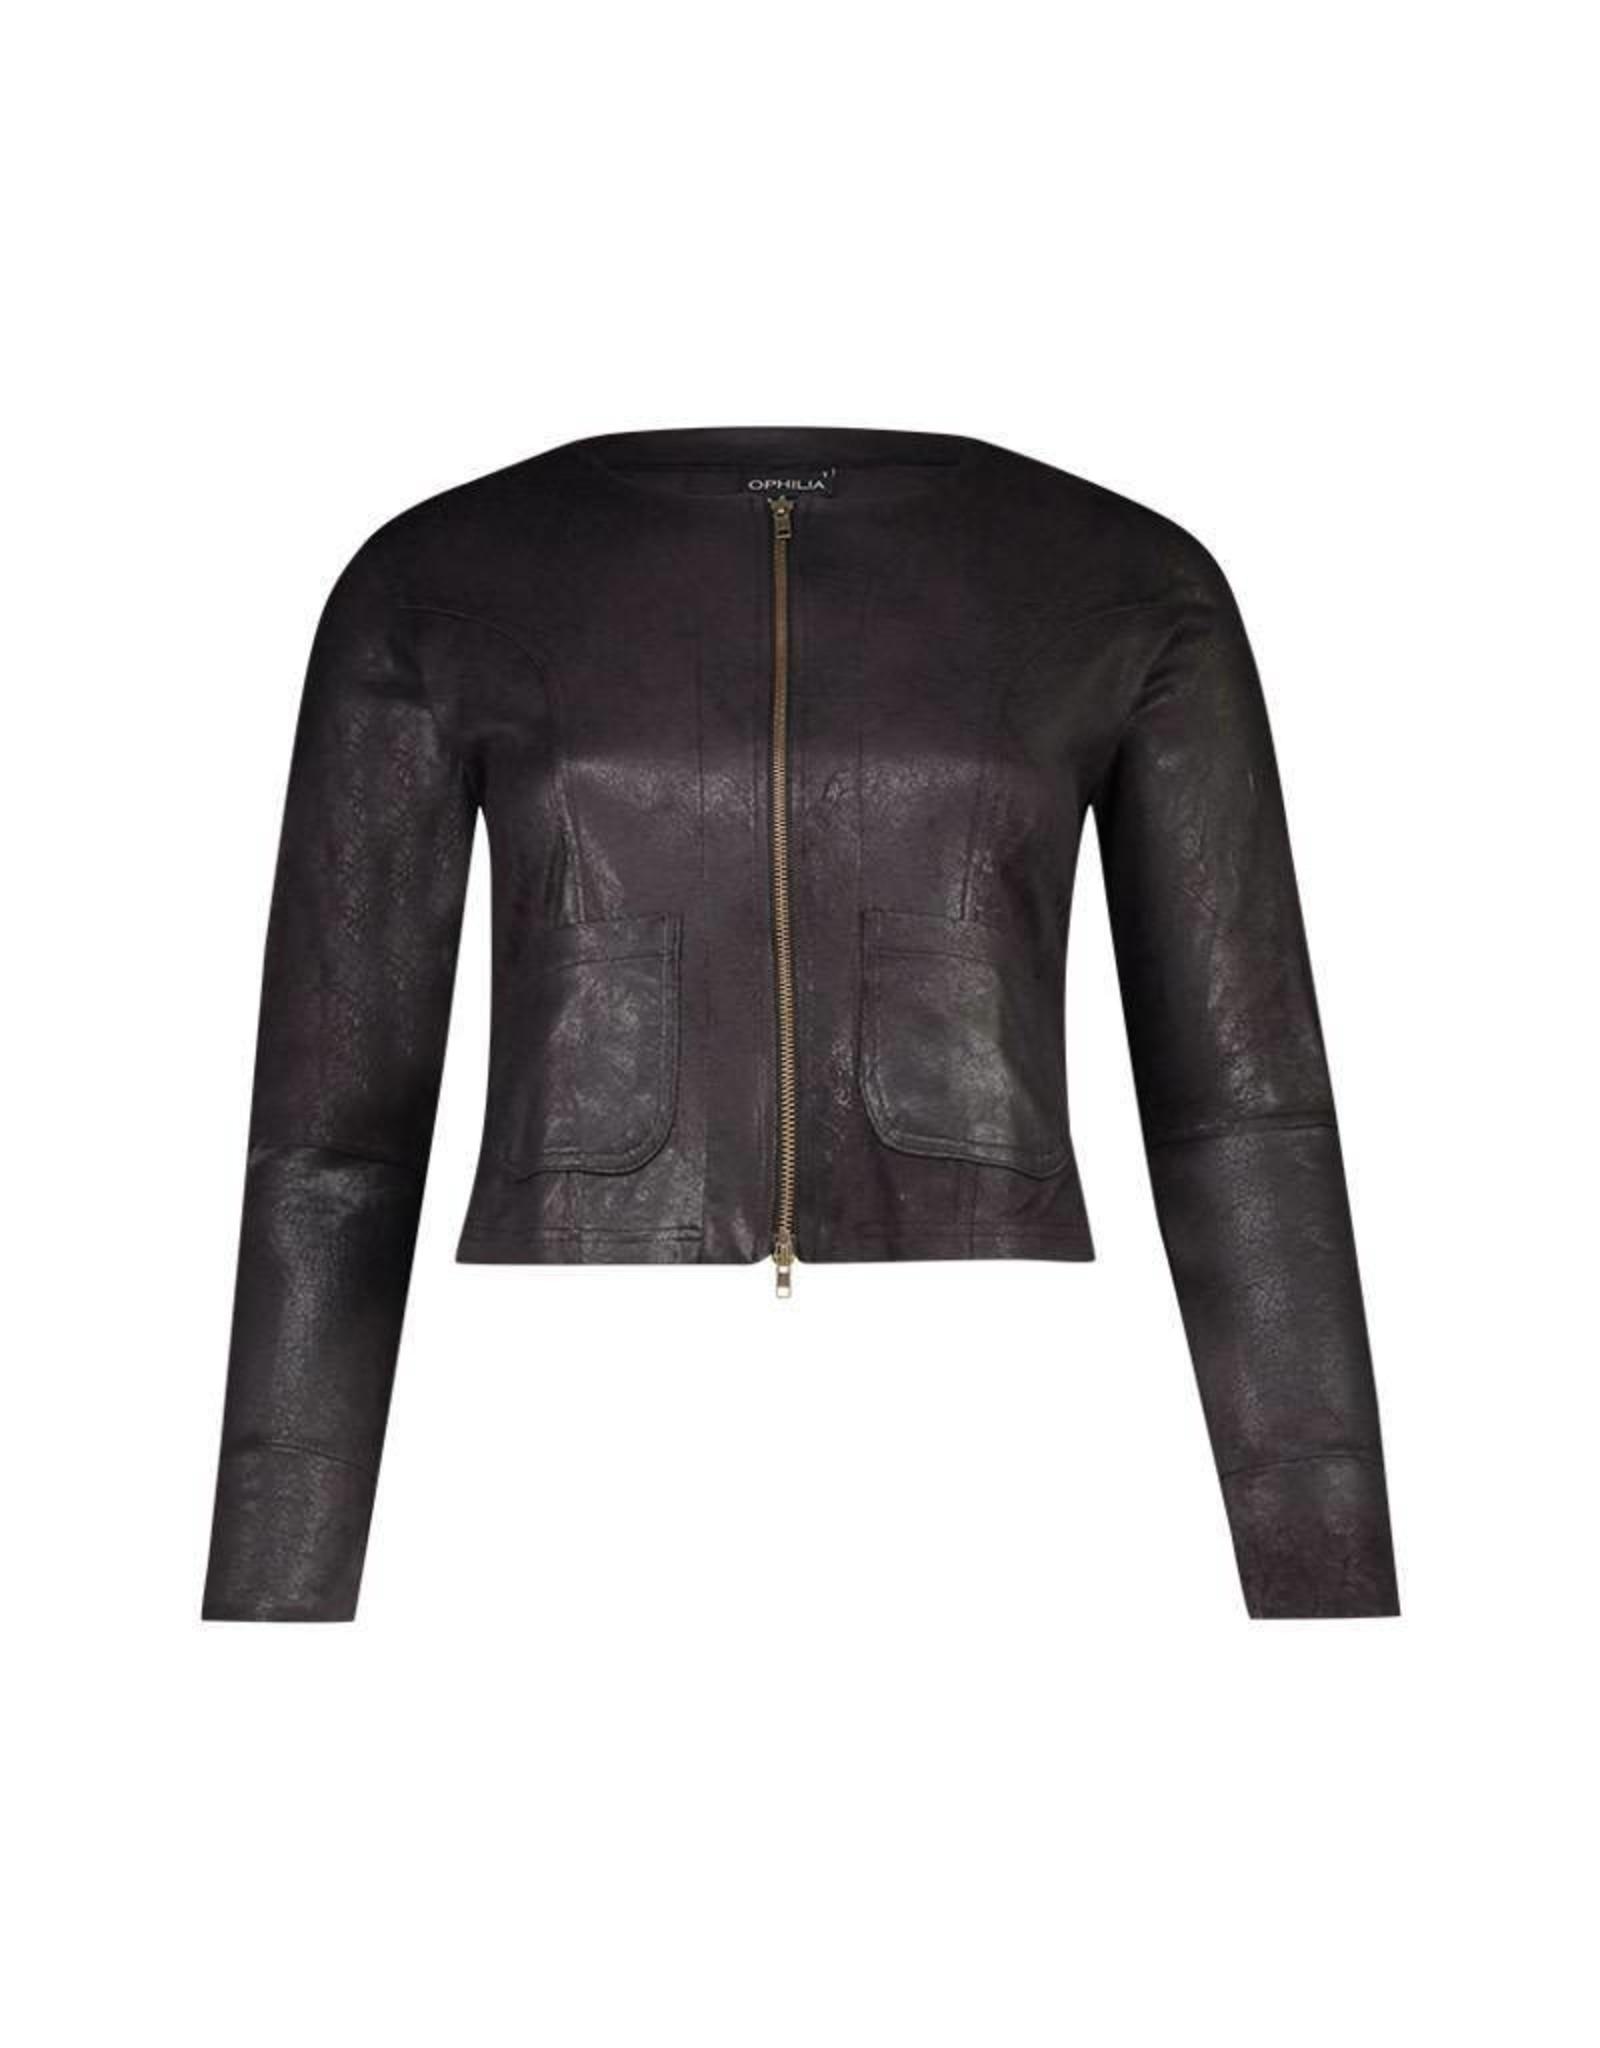 Ophilia Lara S9  Vintage  leather